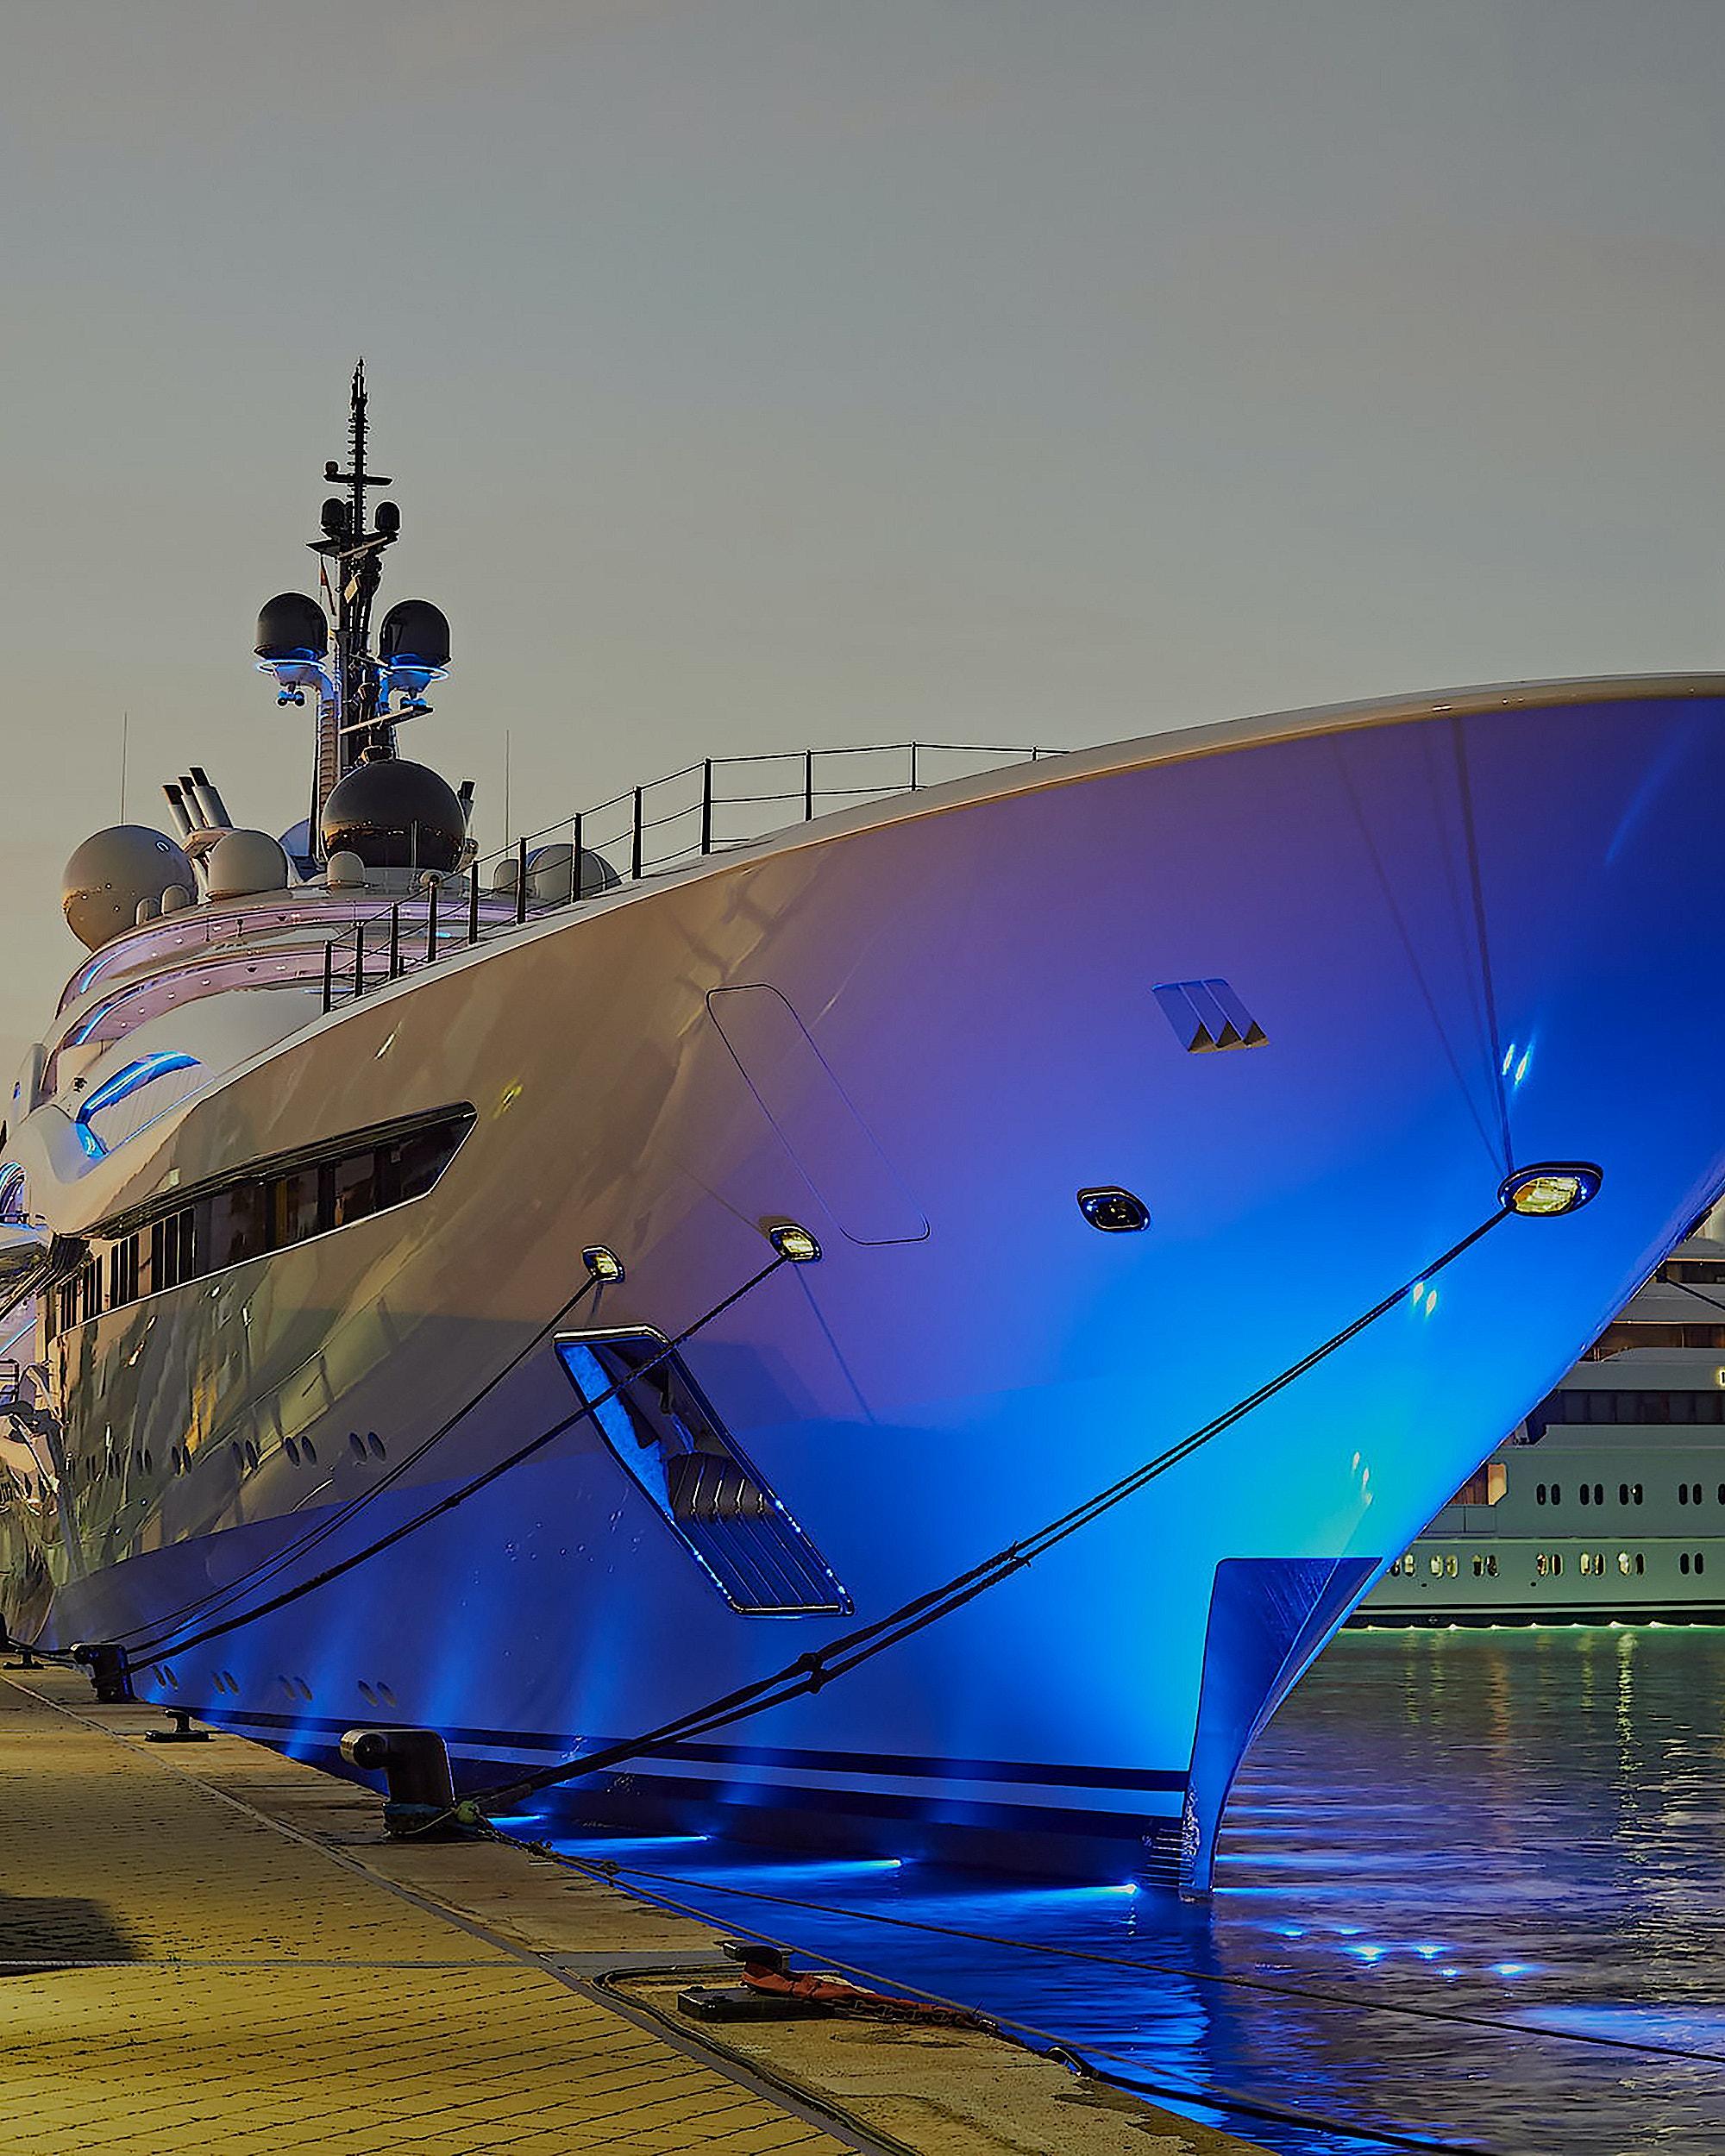 al-lusail-yacht-design-exterior-front